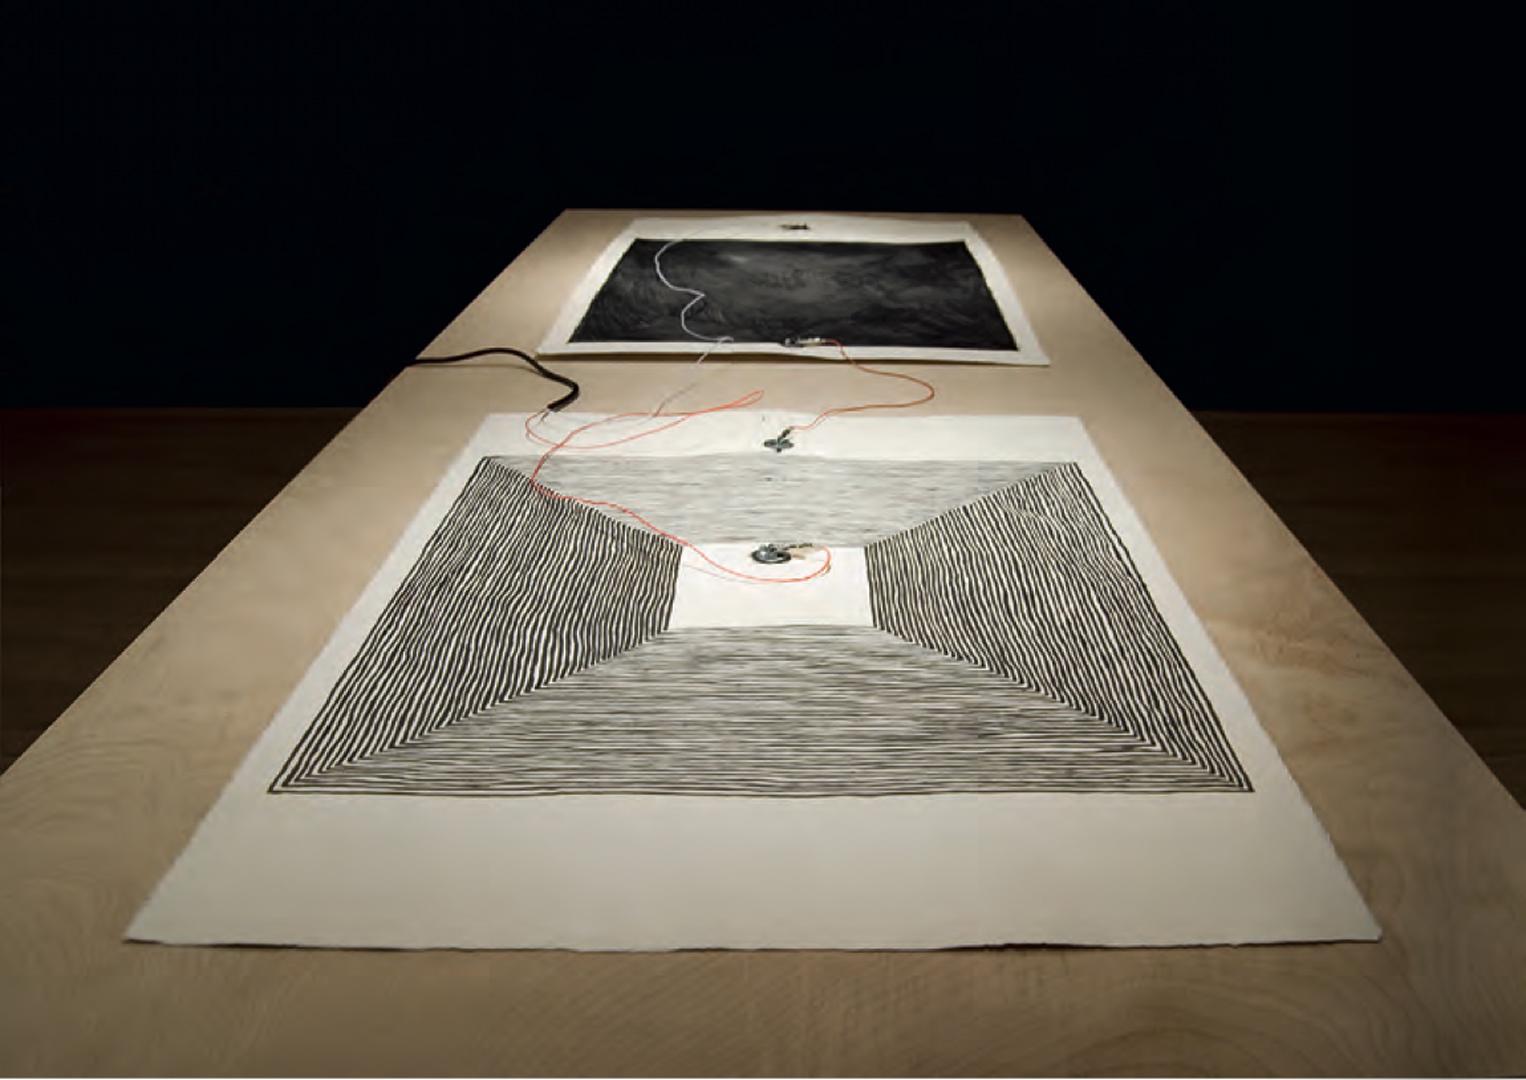 ©2010, Joyce Hinterding, Loops and Fields: Induction Drawings Series 3